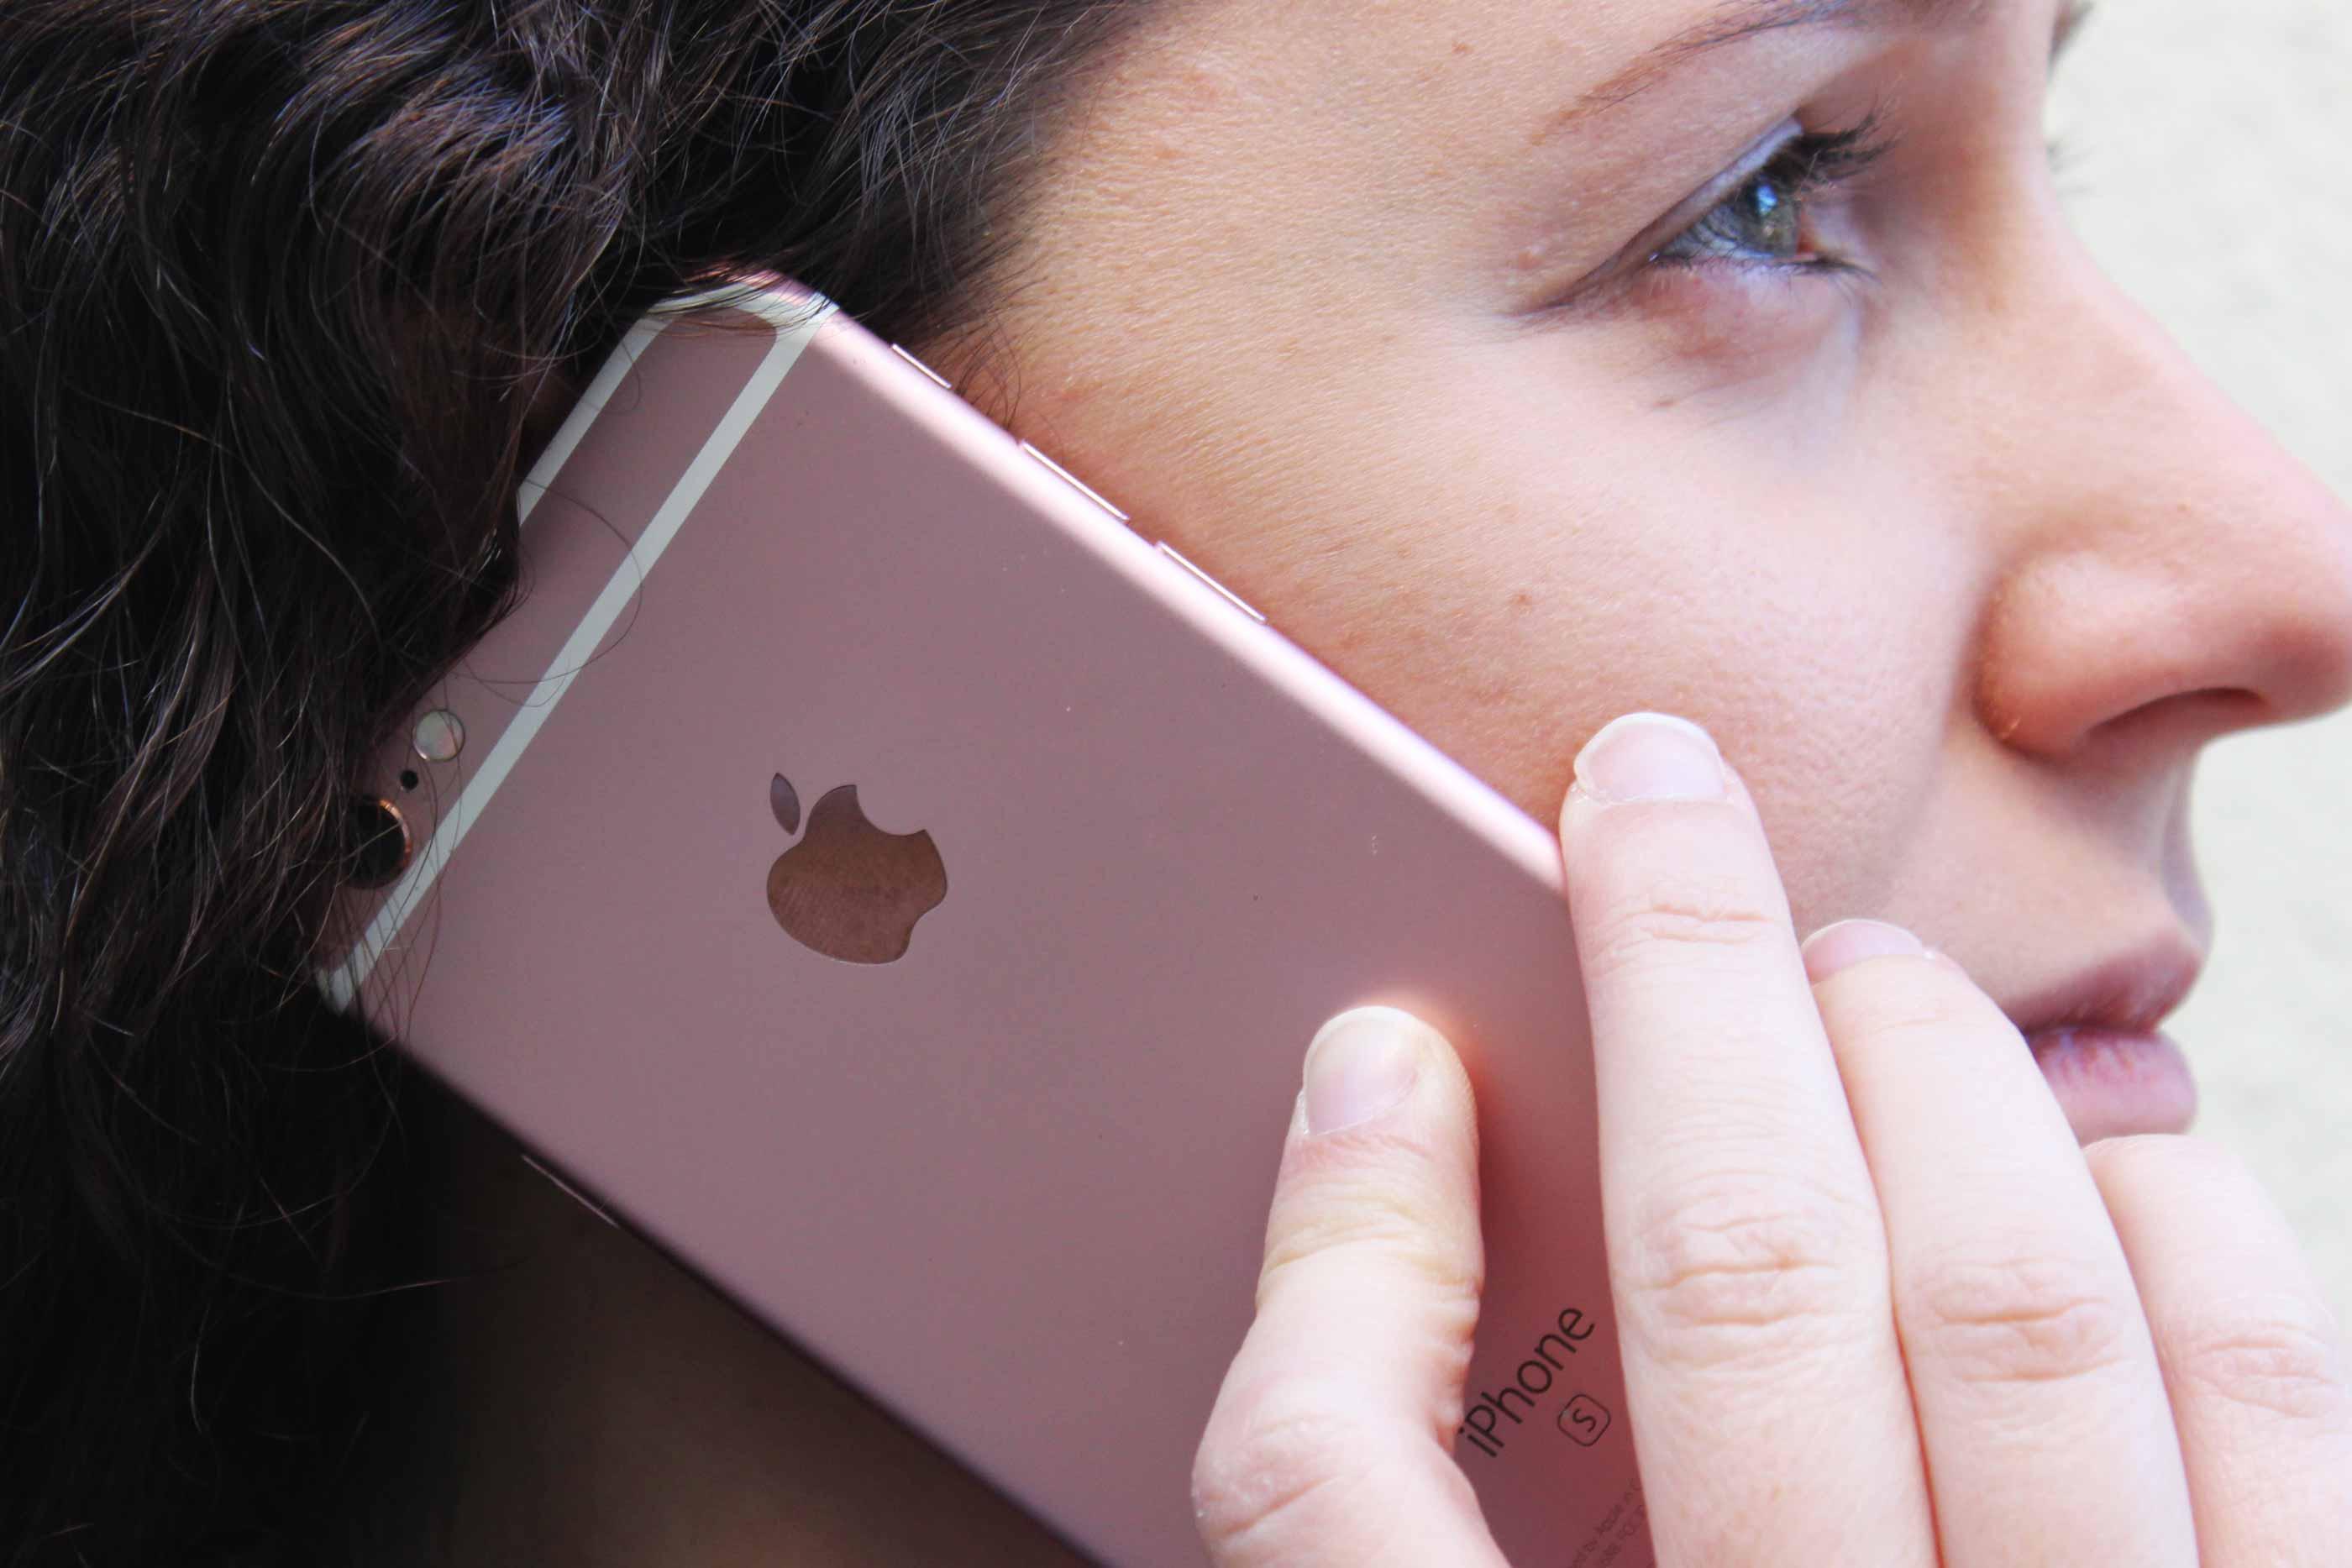 O Estudo feito na Universidade Católica mostra que 73% dos alunos inquiridos preferem o Iphone à Samsung. CC by Inês Ramalho